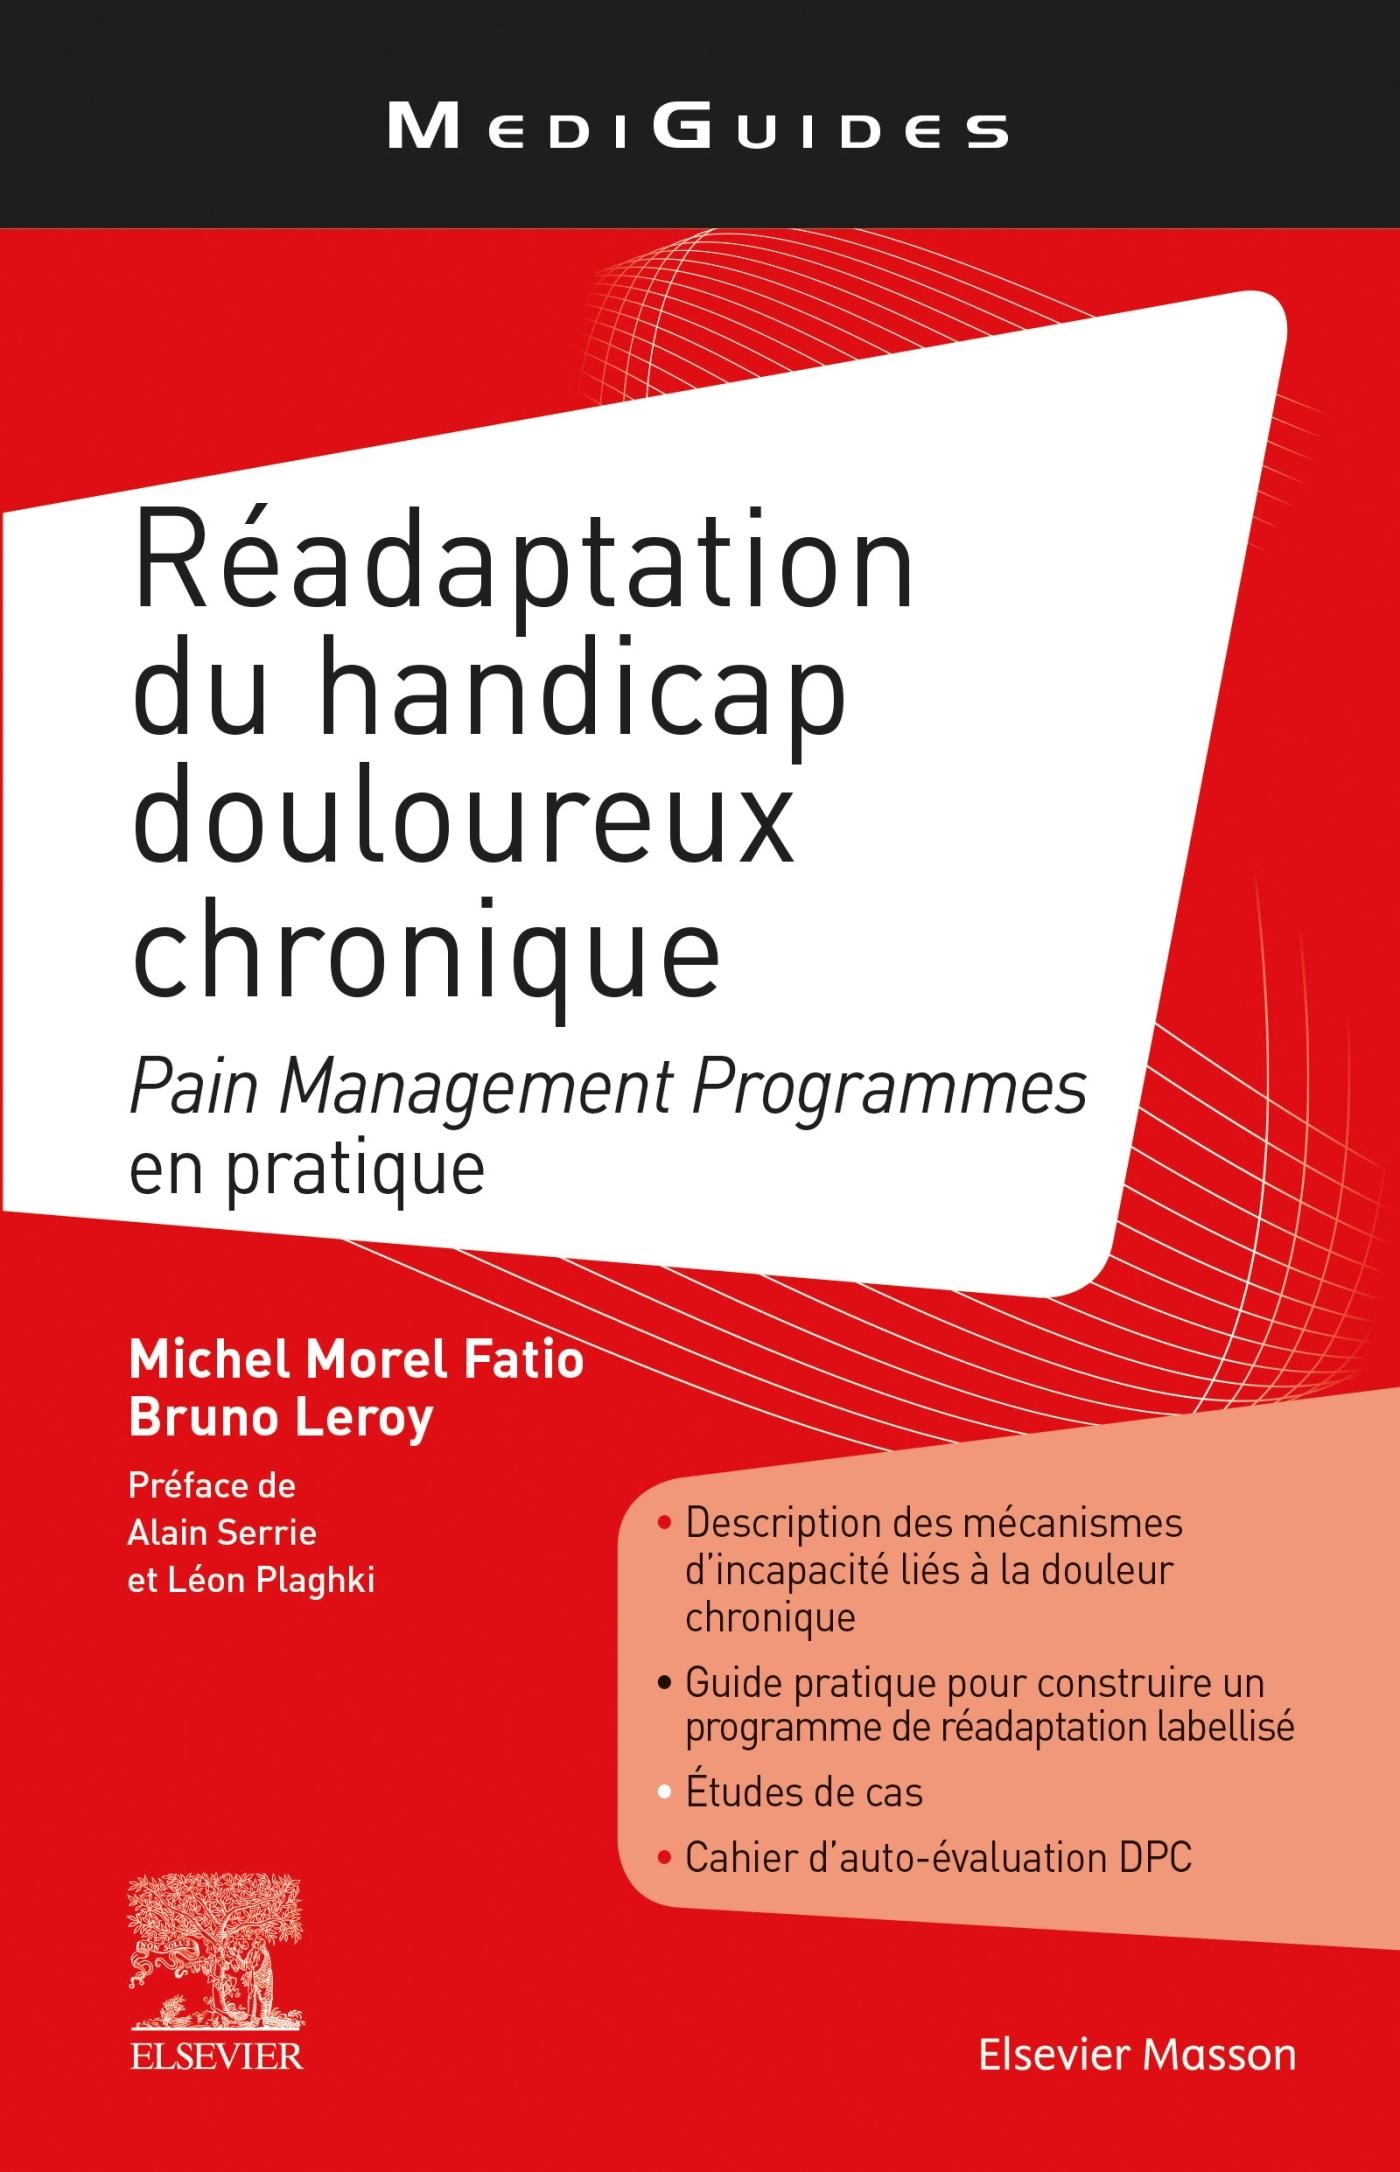 READAPTATION DU HANDICAP DOULOUREUX CHRONIQUE - PAIN MANAGEMENT PROGRAMMES EN PRATIQUE